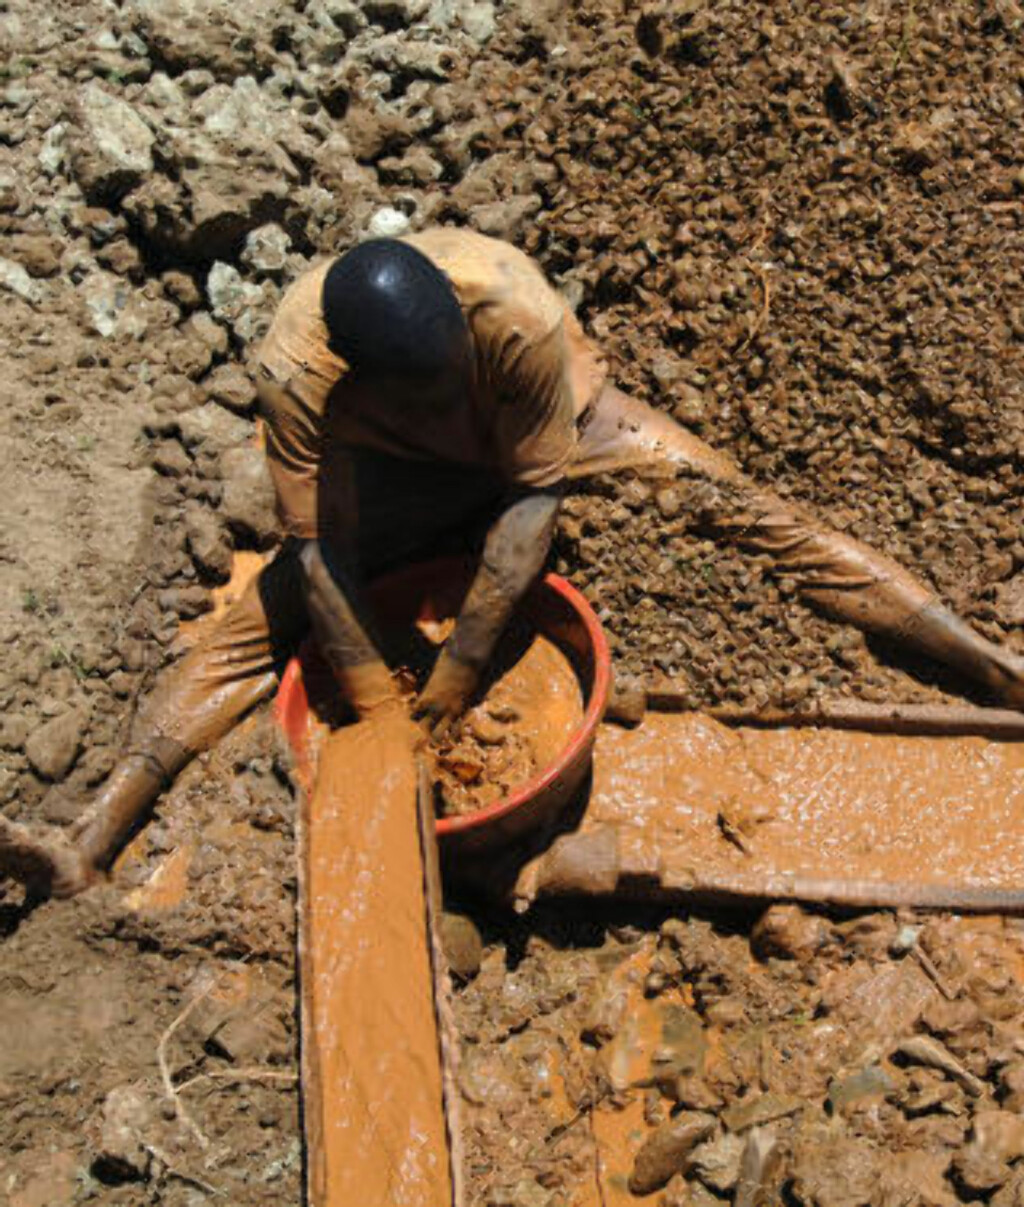 GENERERER STORE PENGER: Men arbeiderne får ikke nyte godt av de verdifulle forekomstene. Foto: AFP PHOTO/LIONEL HEALING /Scanpix